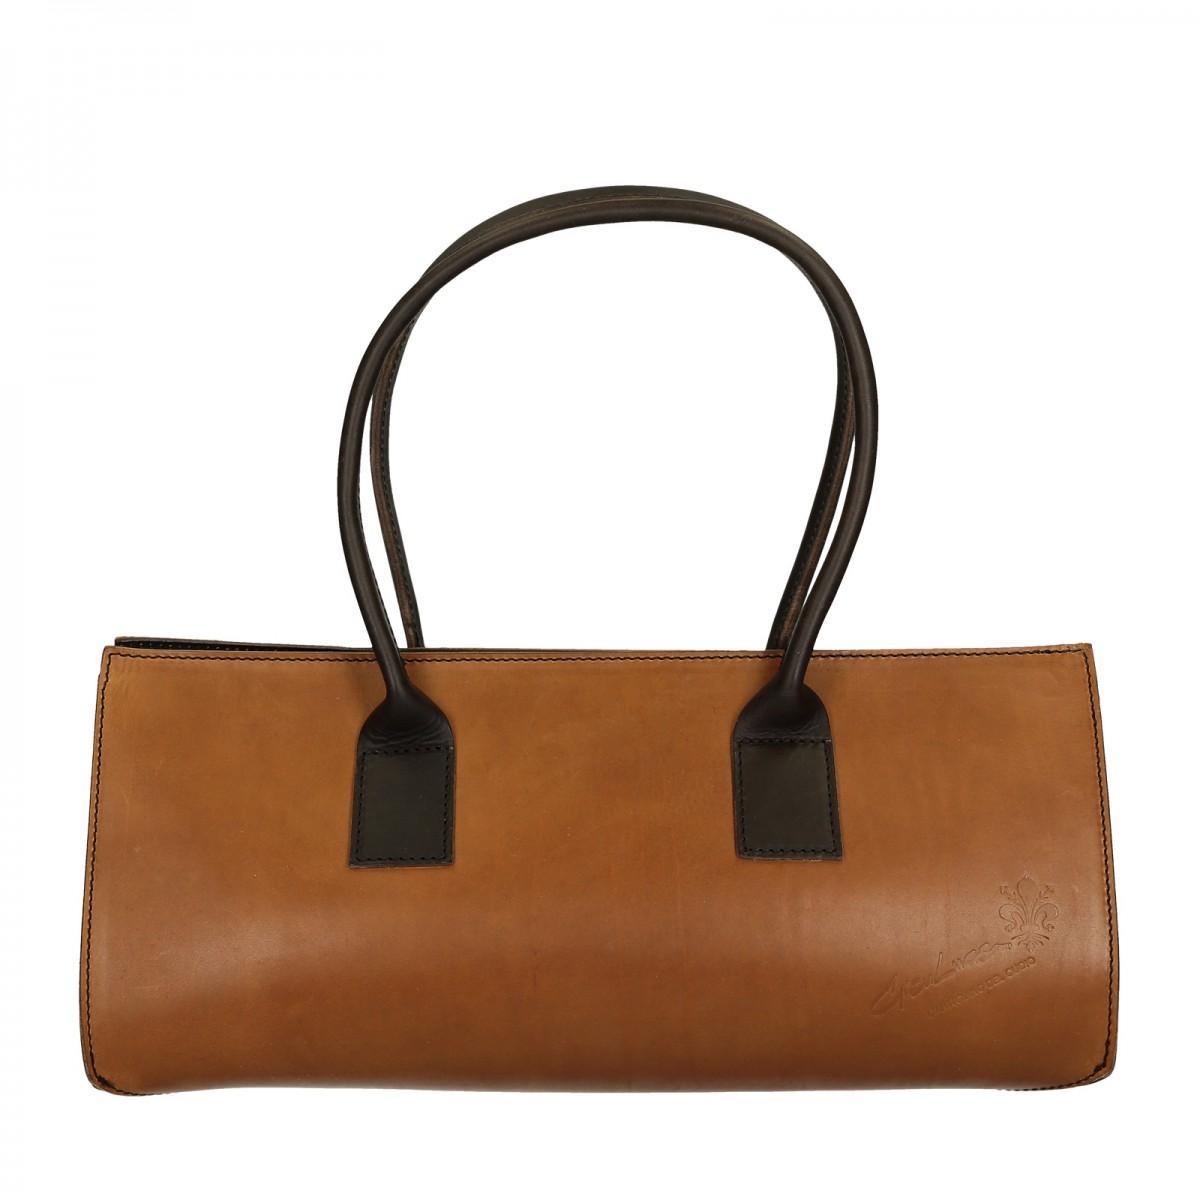 zweifarbige hand gefertigte damen handtasche aus leder. Black Bedroom Furniture Sets. Home Design Ideas